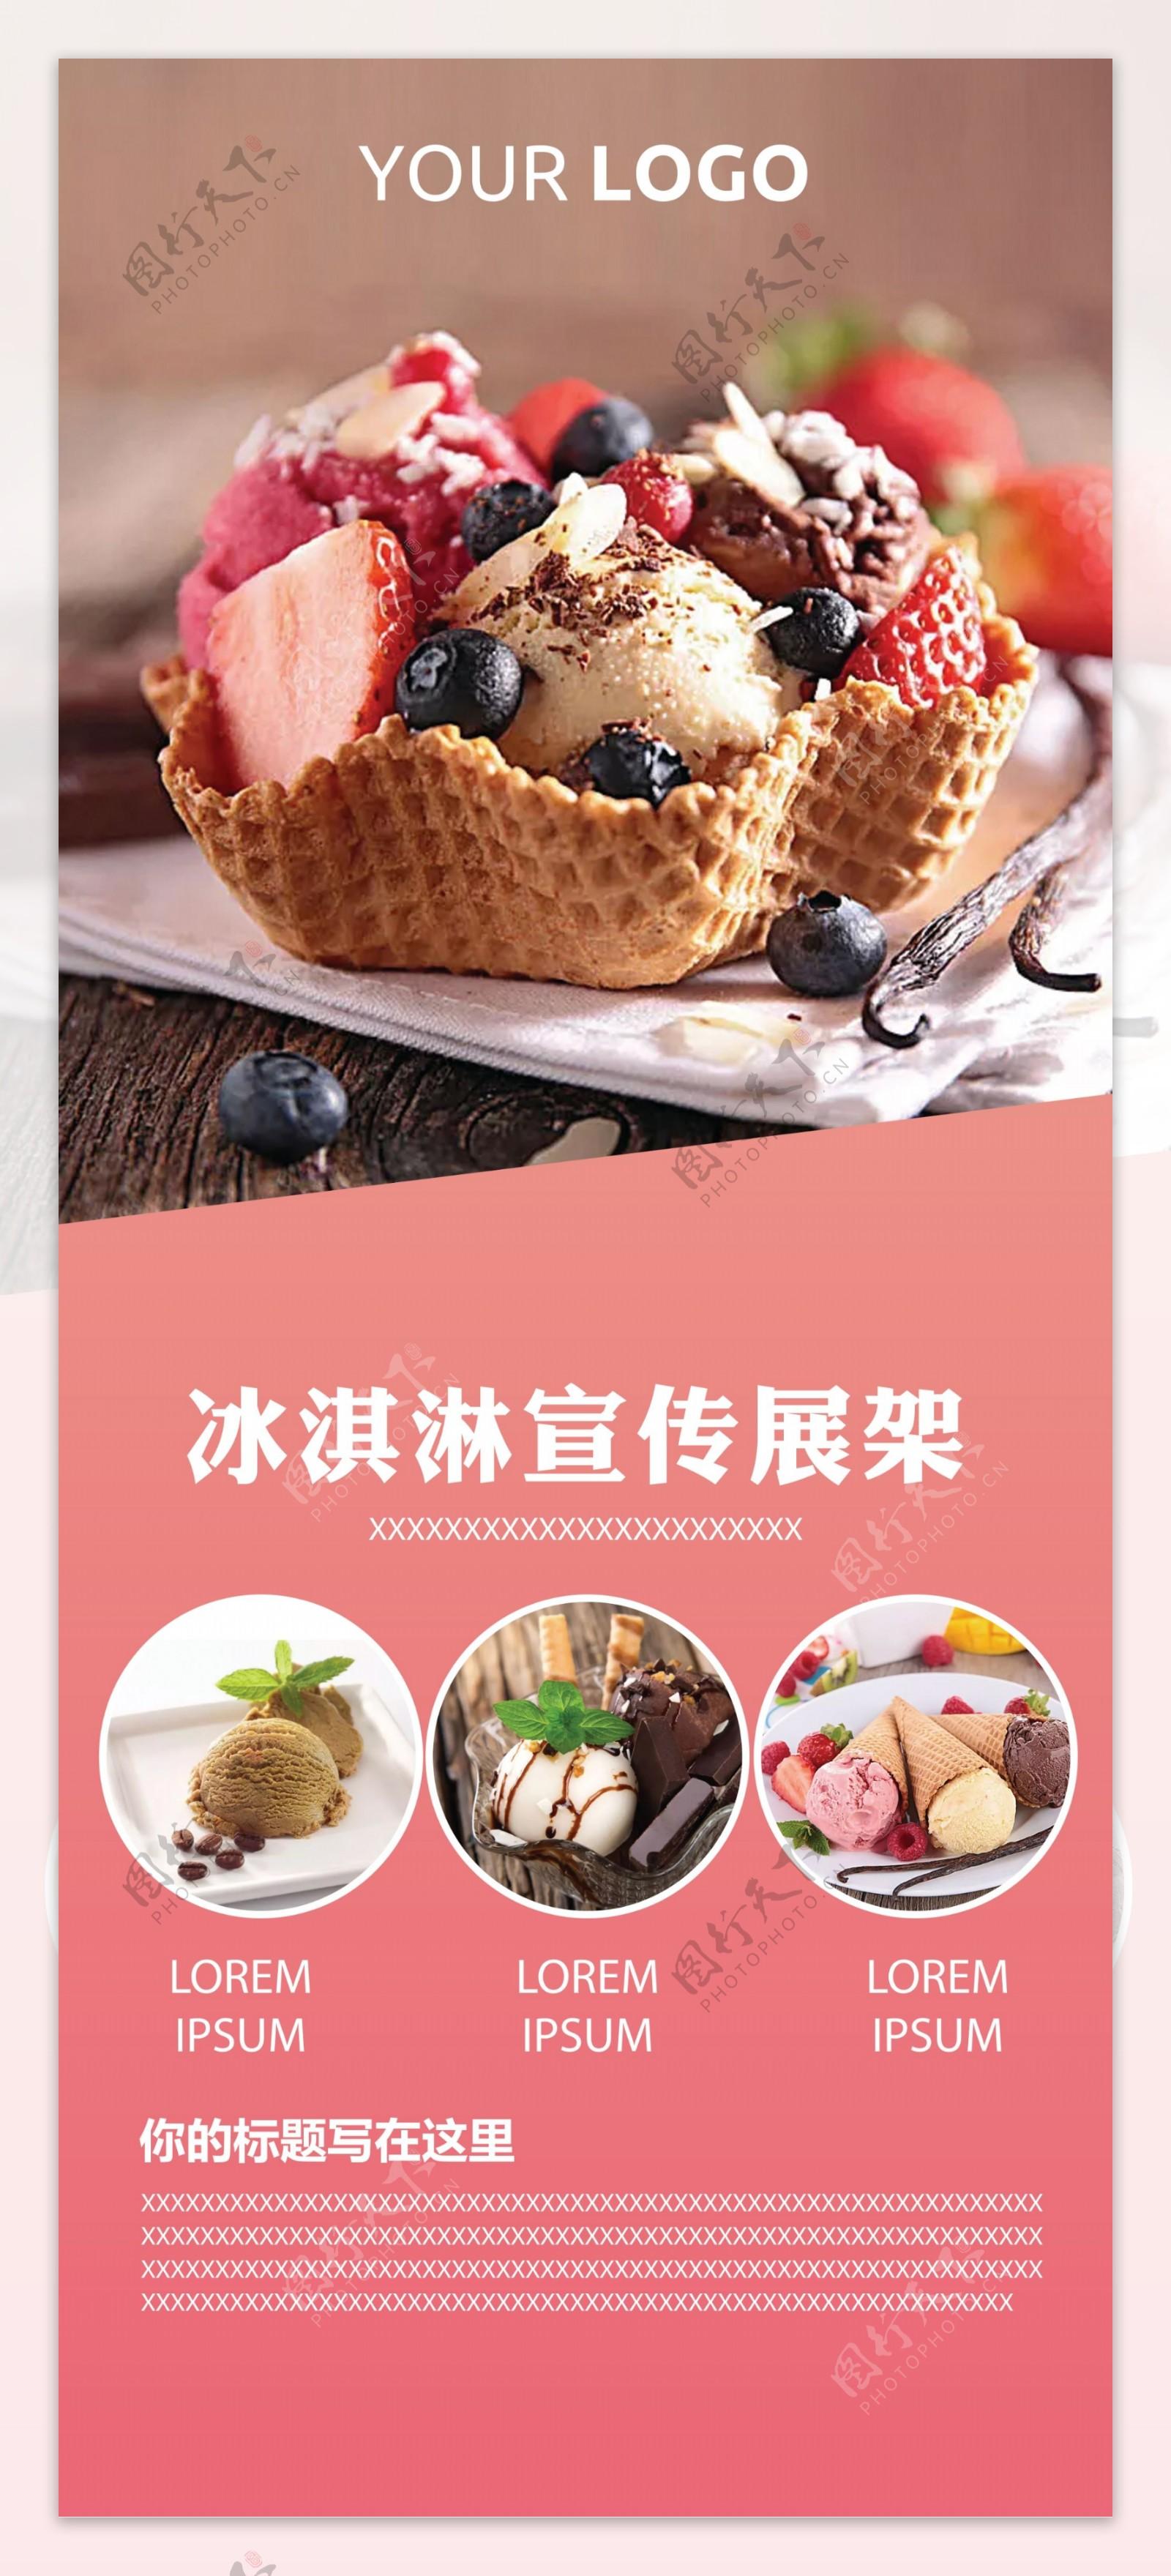 冰淇淋宣传展架